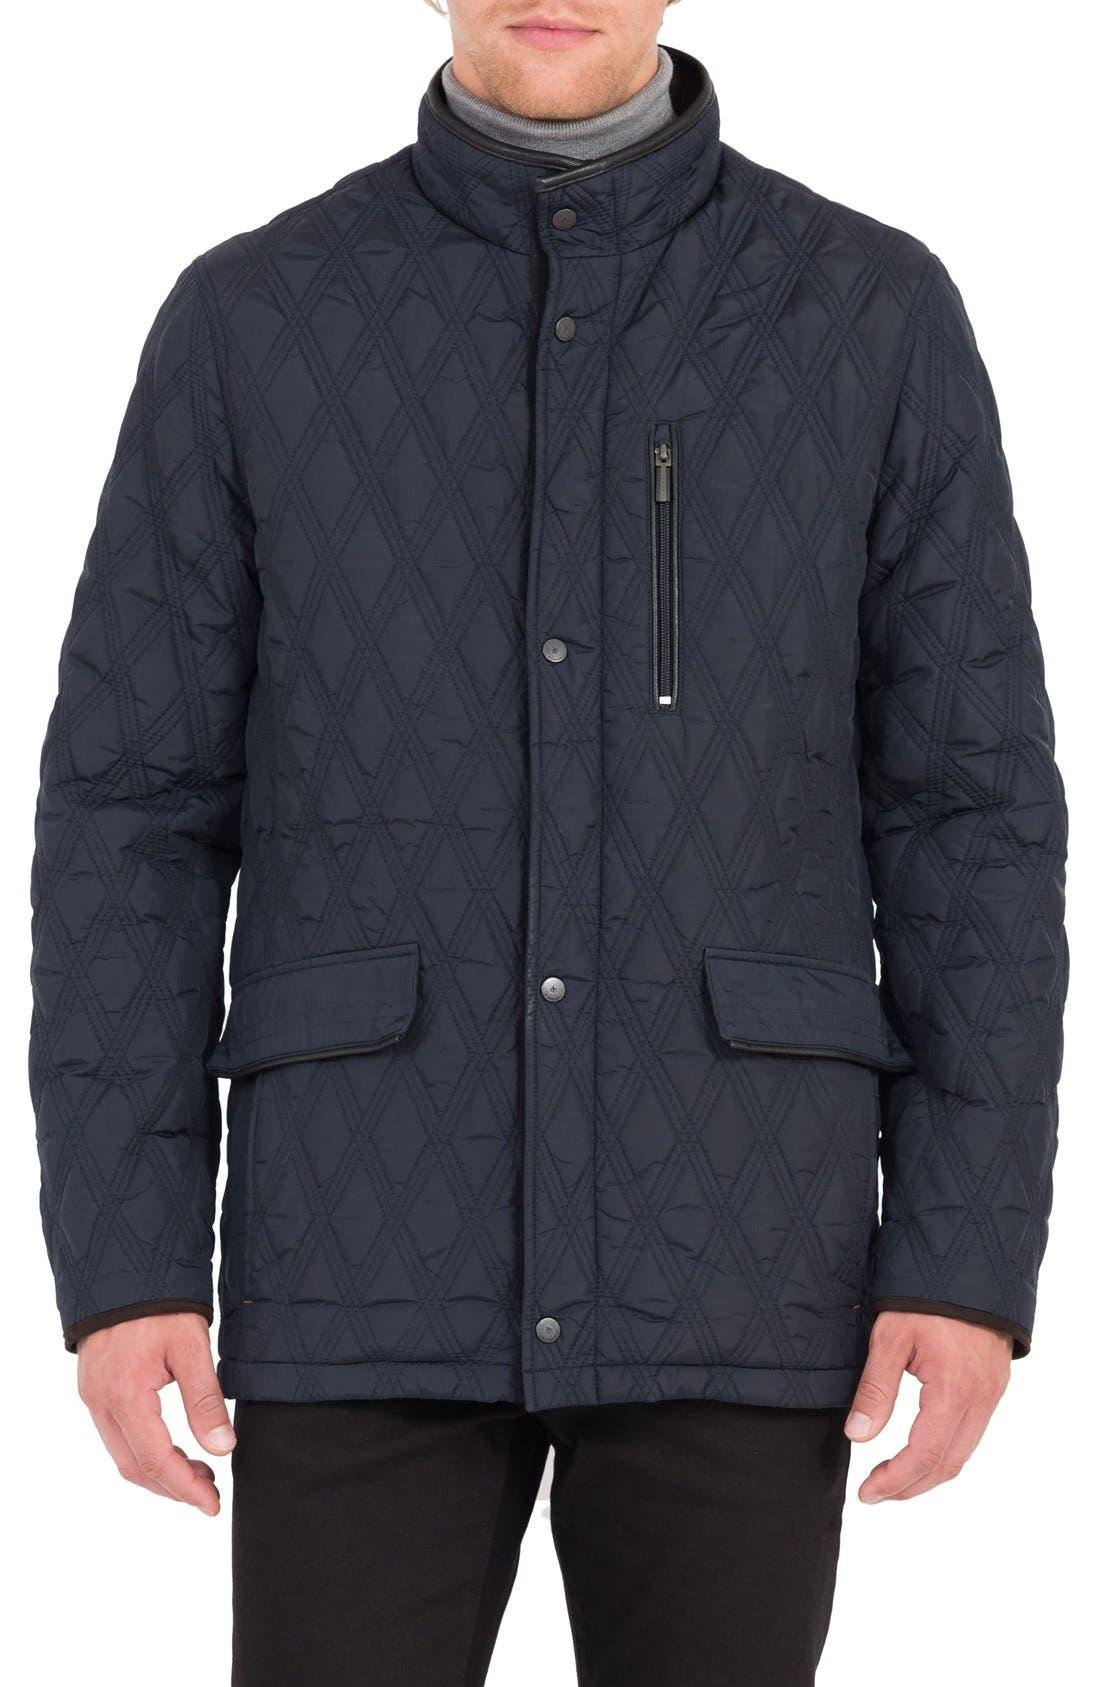 RAINFOREST Prichard Heat System Quilted Jacket